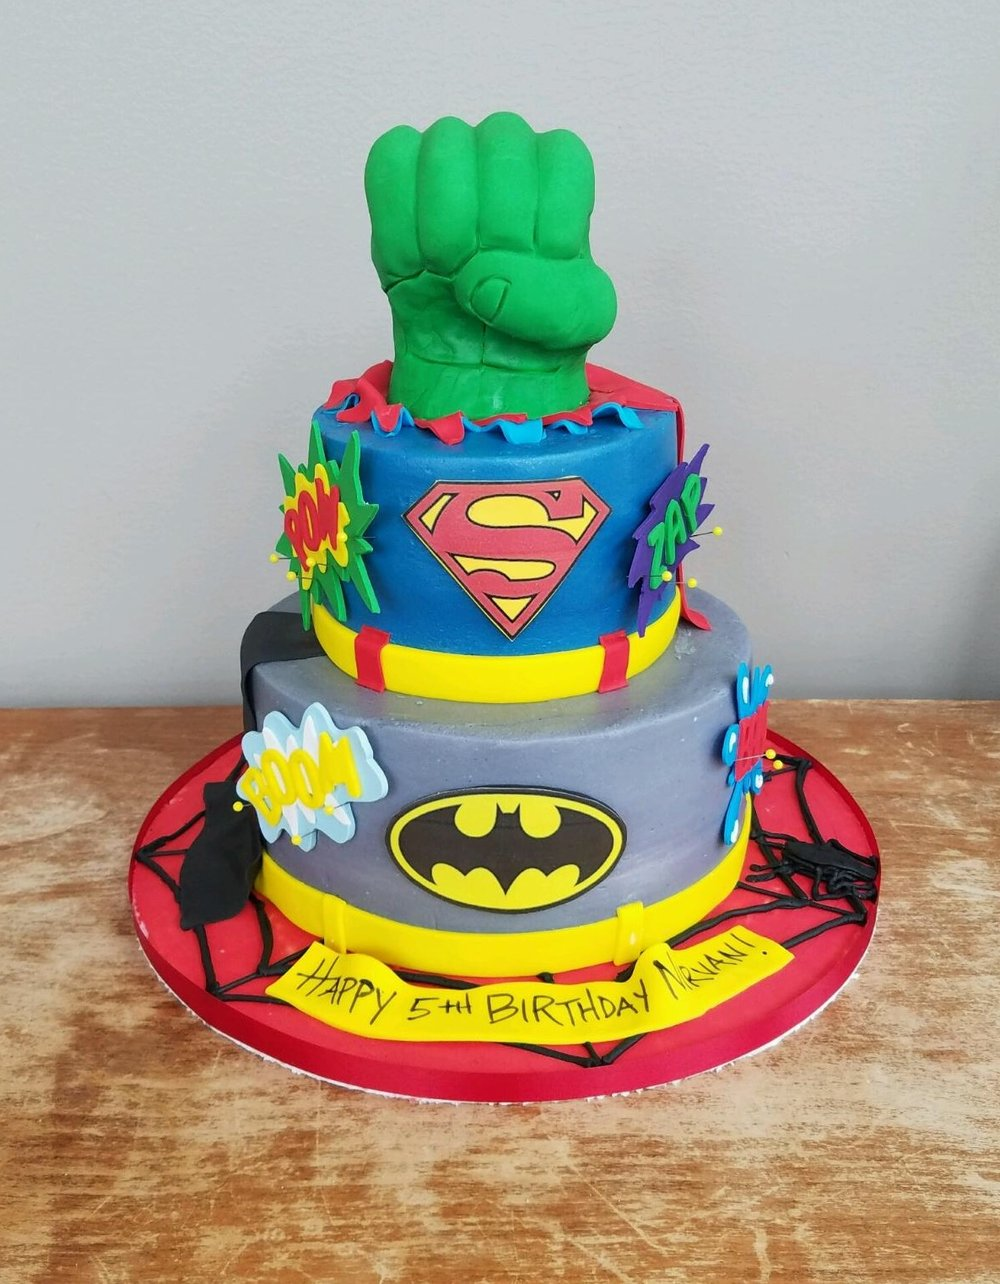 hero birthday cake.jpg